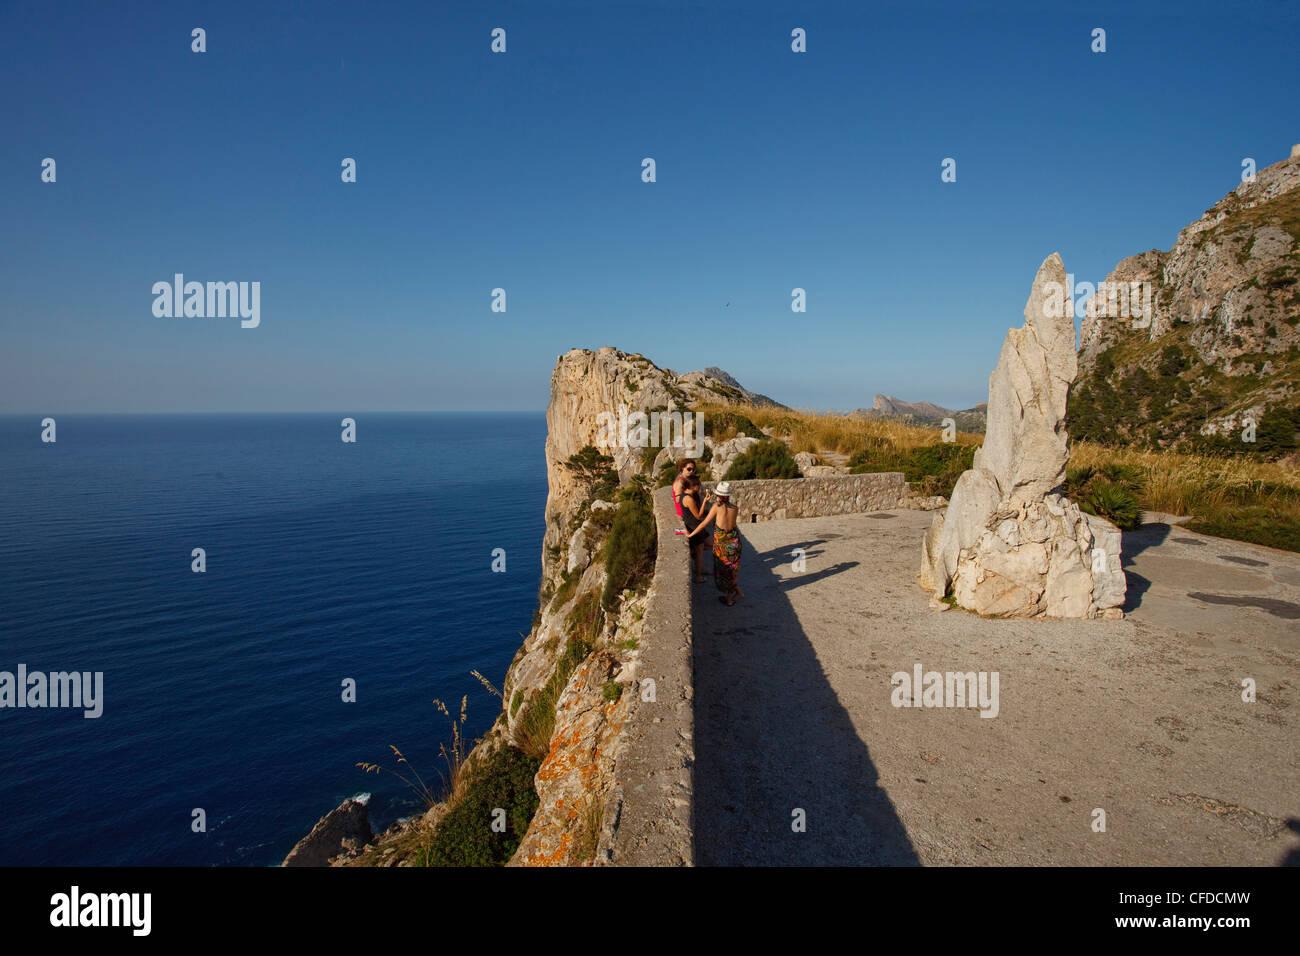 Viewpoint, Mirador d es Colomer, Mirador de Mal Pas, Cap de Formentor, cape Formentor, Mallorca, Balearic Islands, - Stock Image